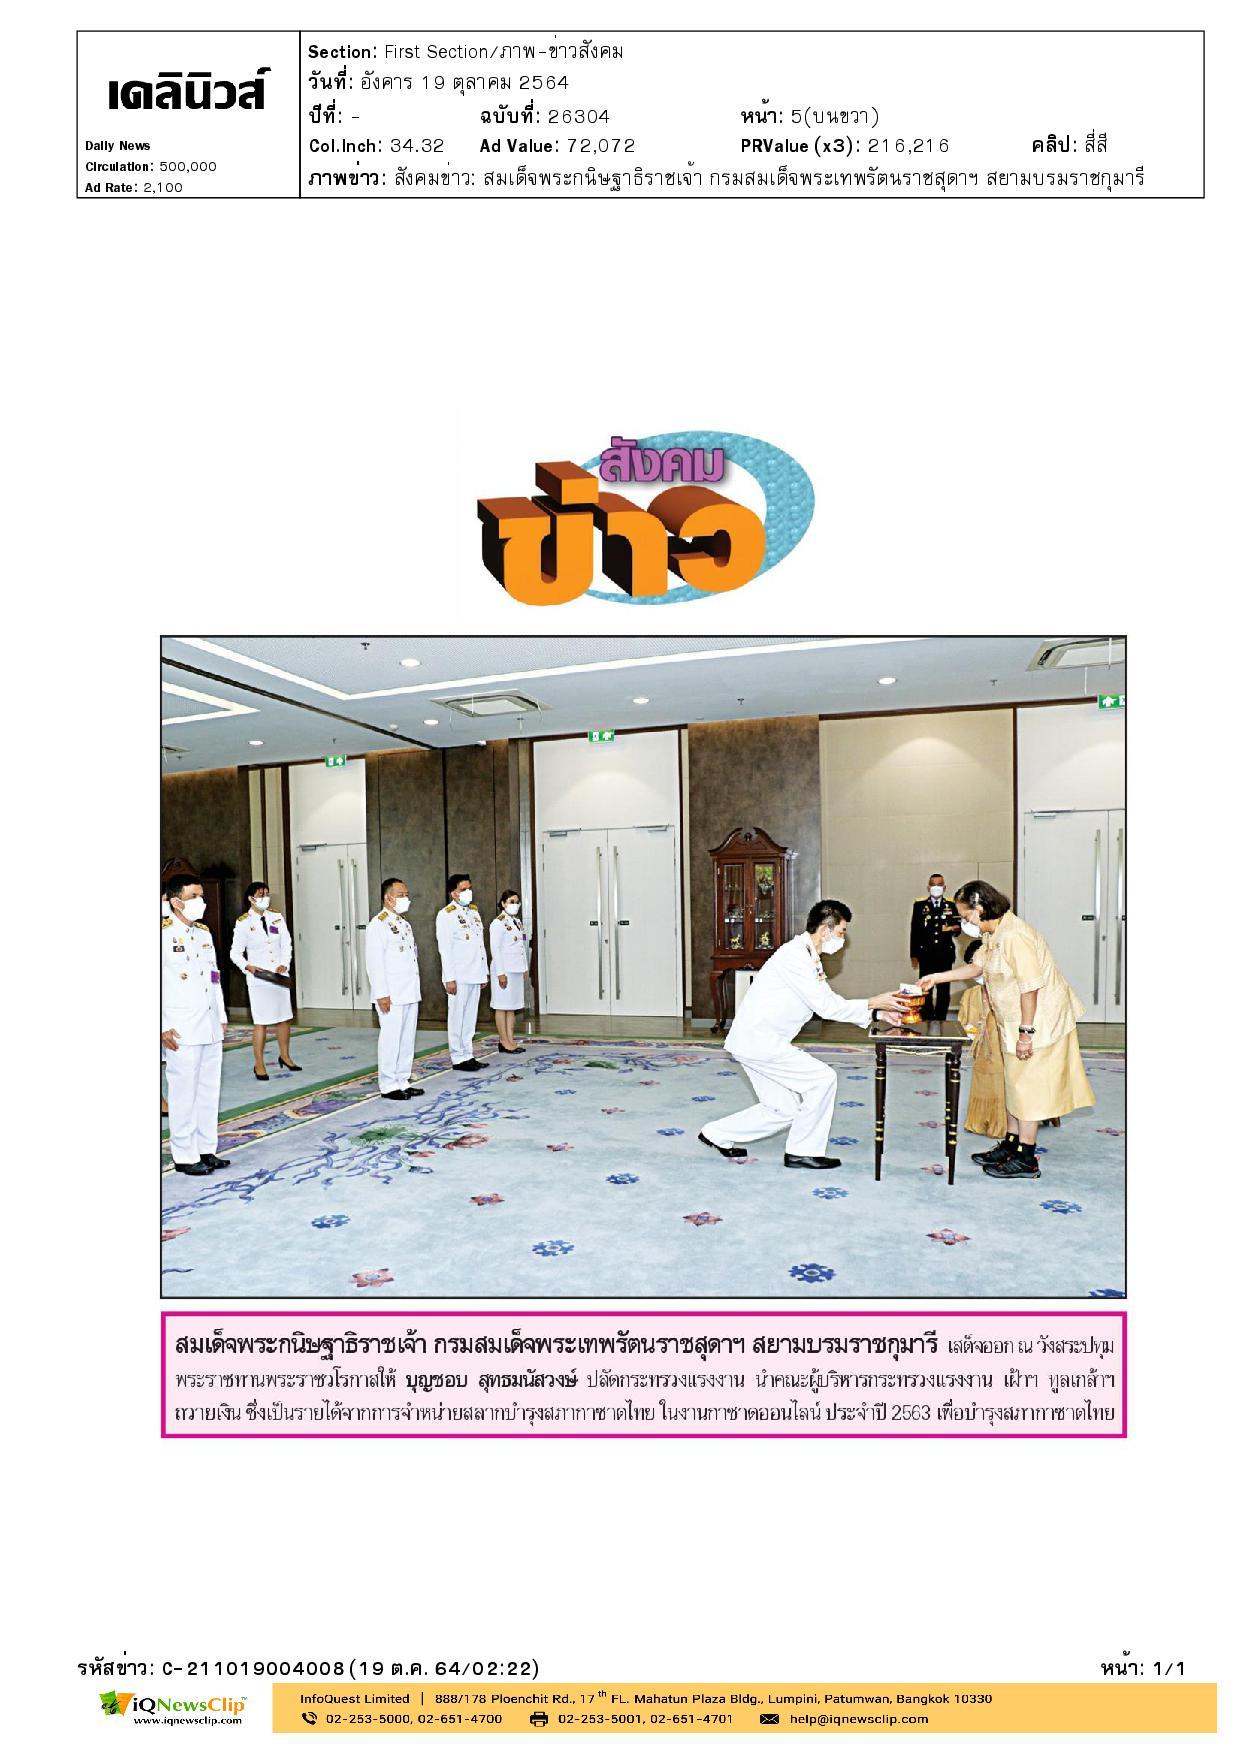 ทูลเกล้าฯ ถวายเงินรายได้จากการจำหน่ายสลากบำรุงสภากาชาดไทย ในงานกาชาดออนไลน์ประจำปี 2563